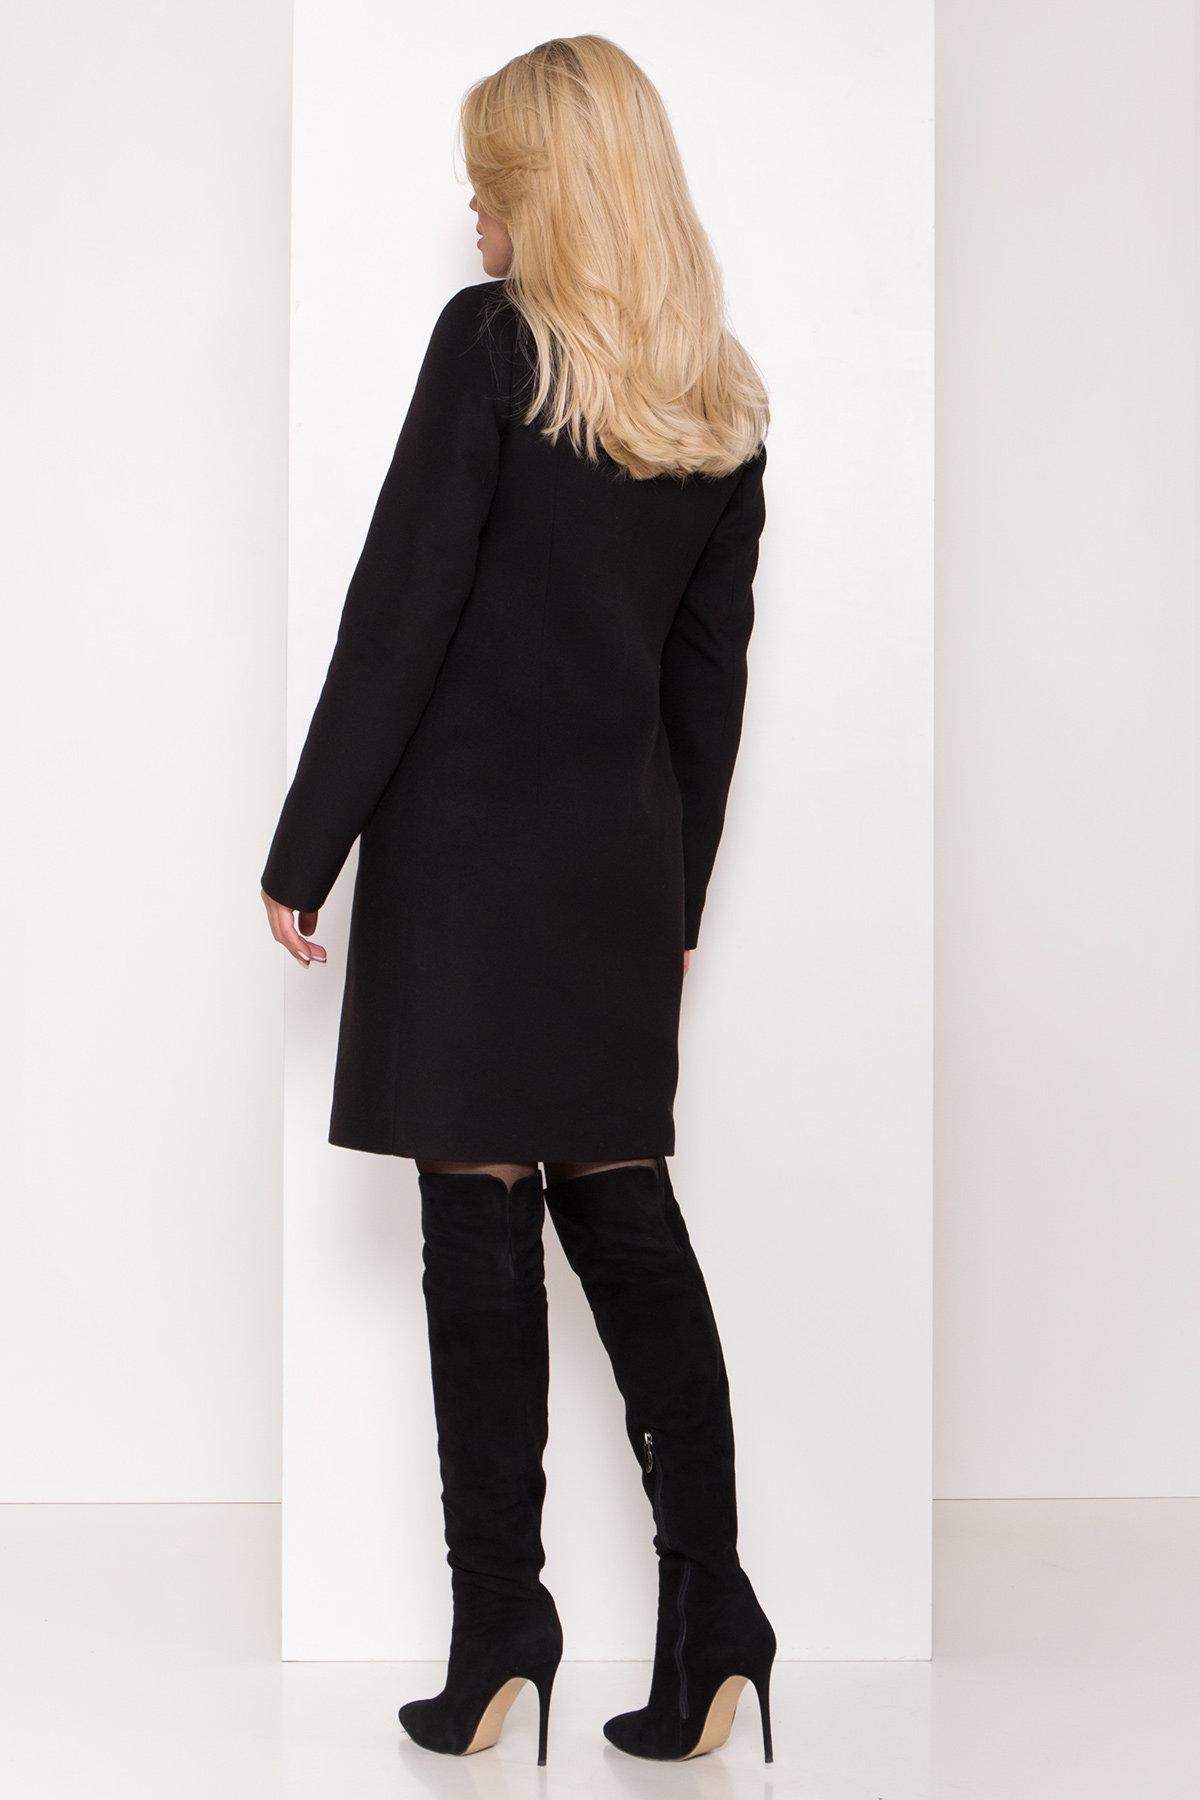 Пальто зима с хомутом Люцея 8211 АРТ. 44225 Цвет: Черный Н-1 - фото 9, интернет магазин tm-modus.ru